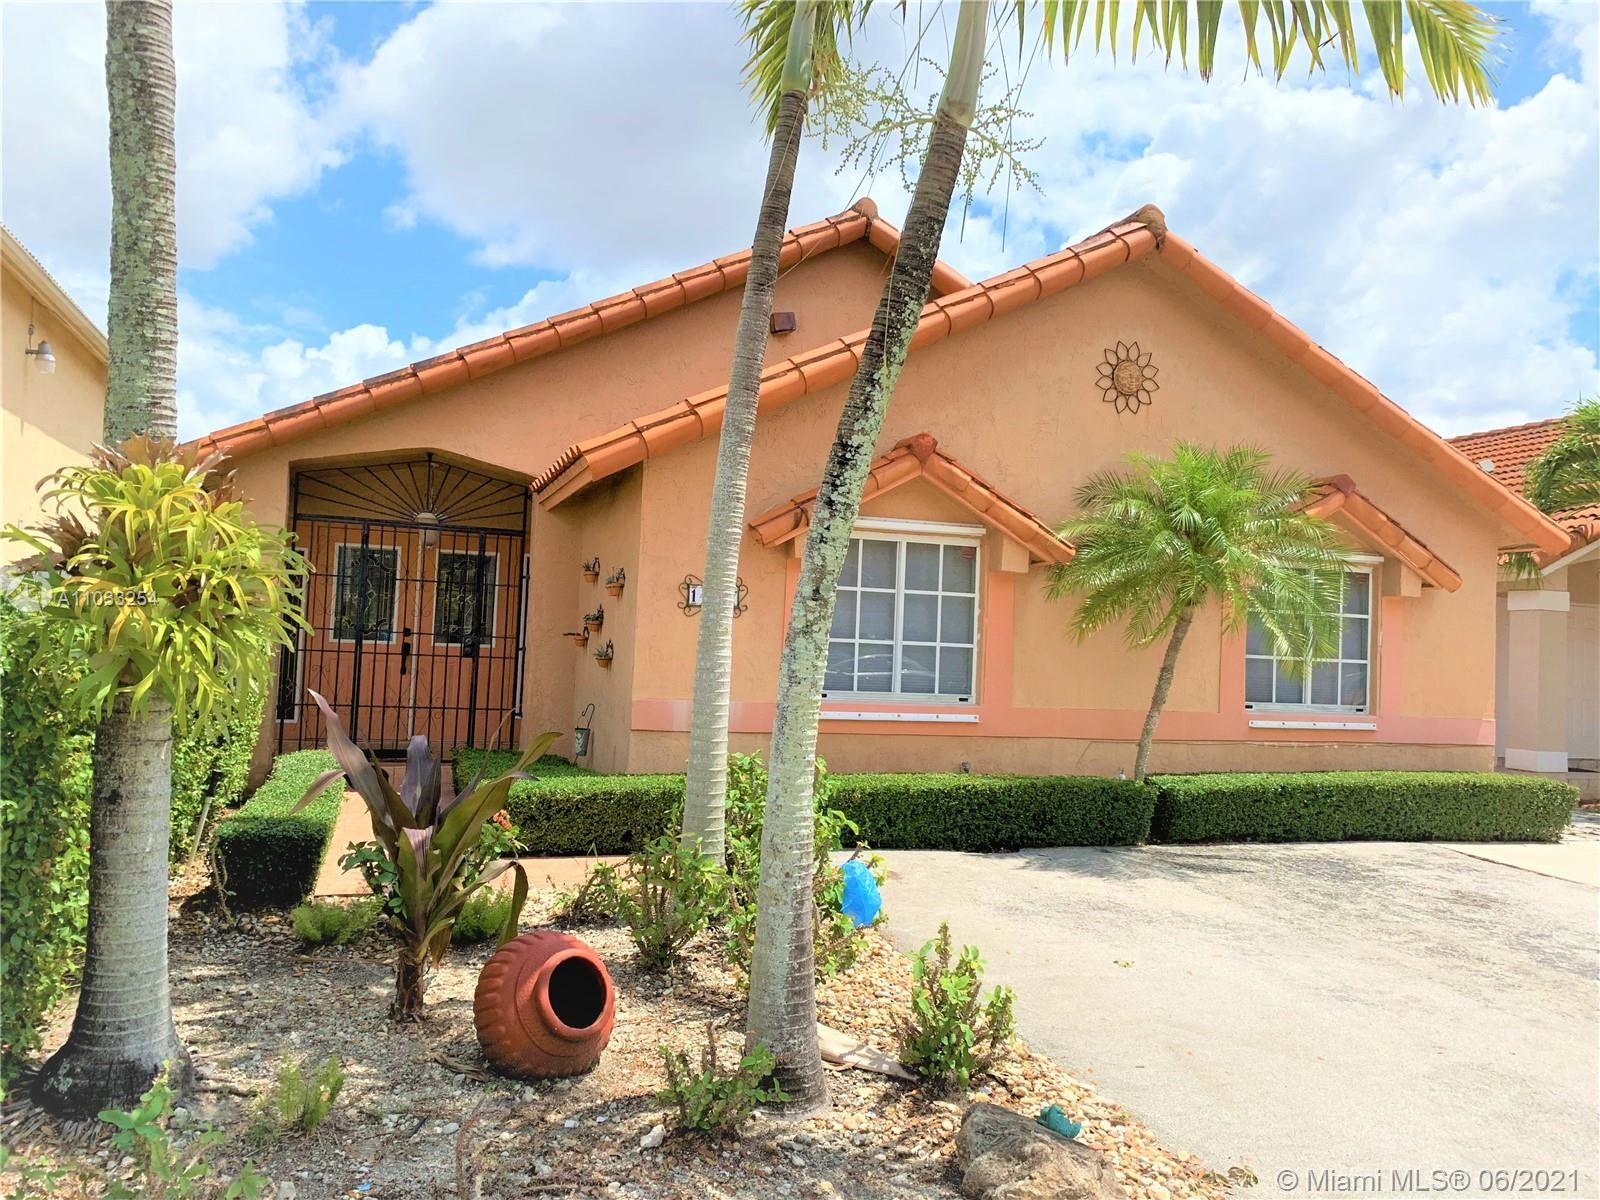 14997 SW 59th St, Miami, FL 33193 - #: A11033254